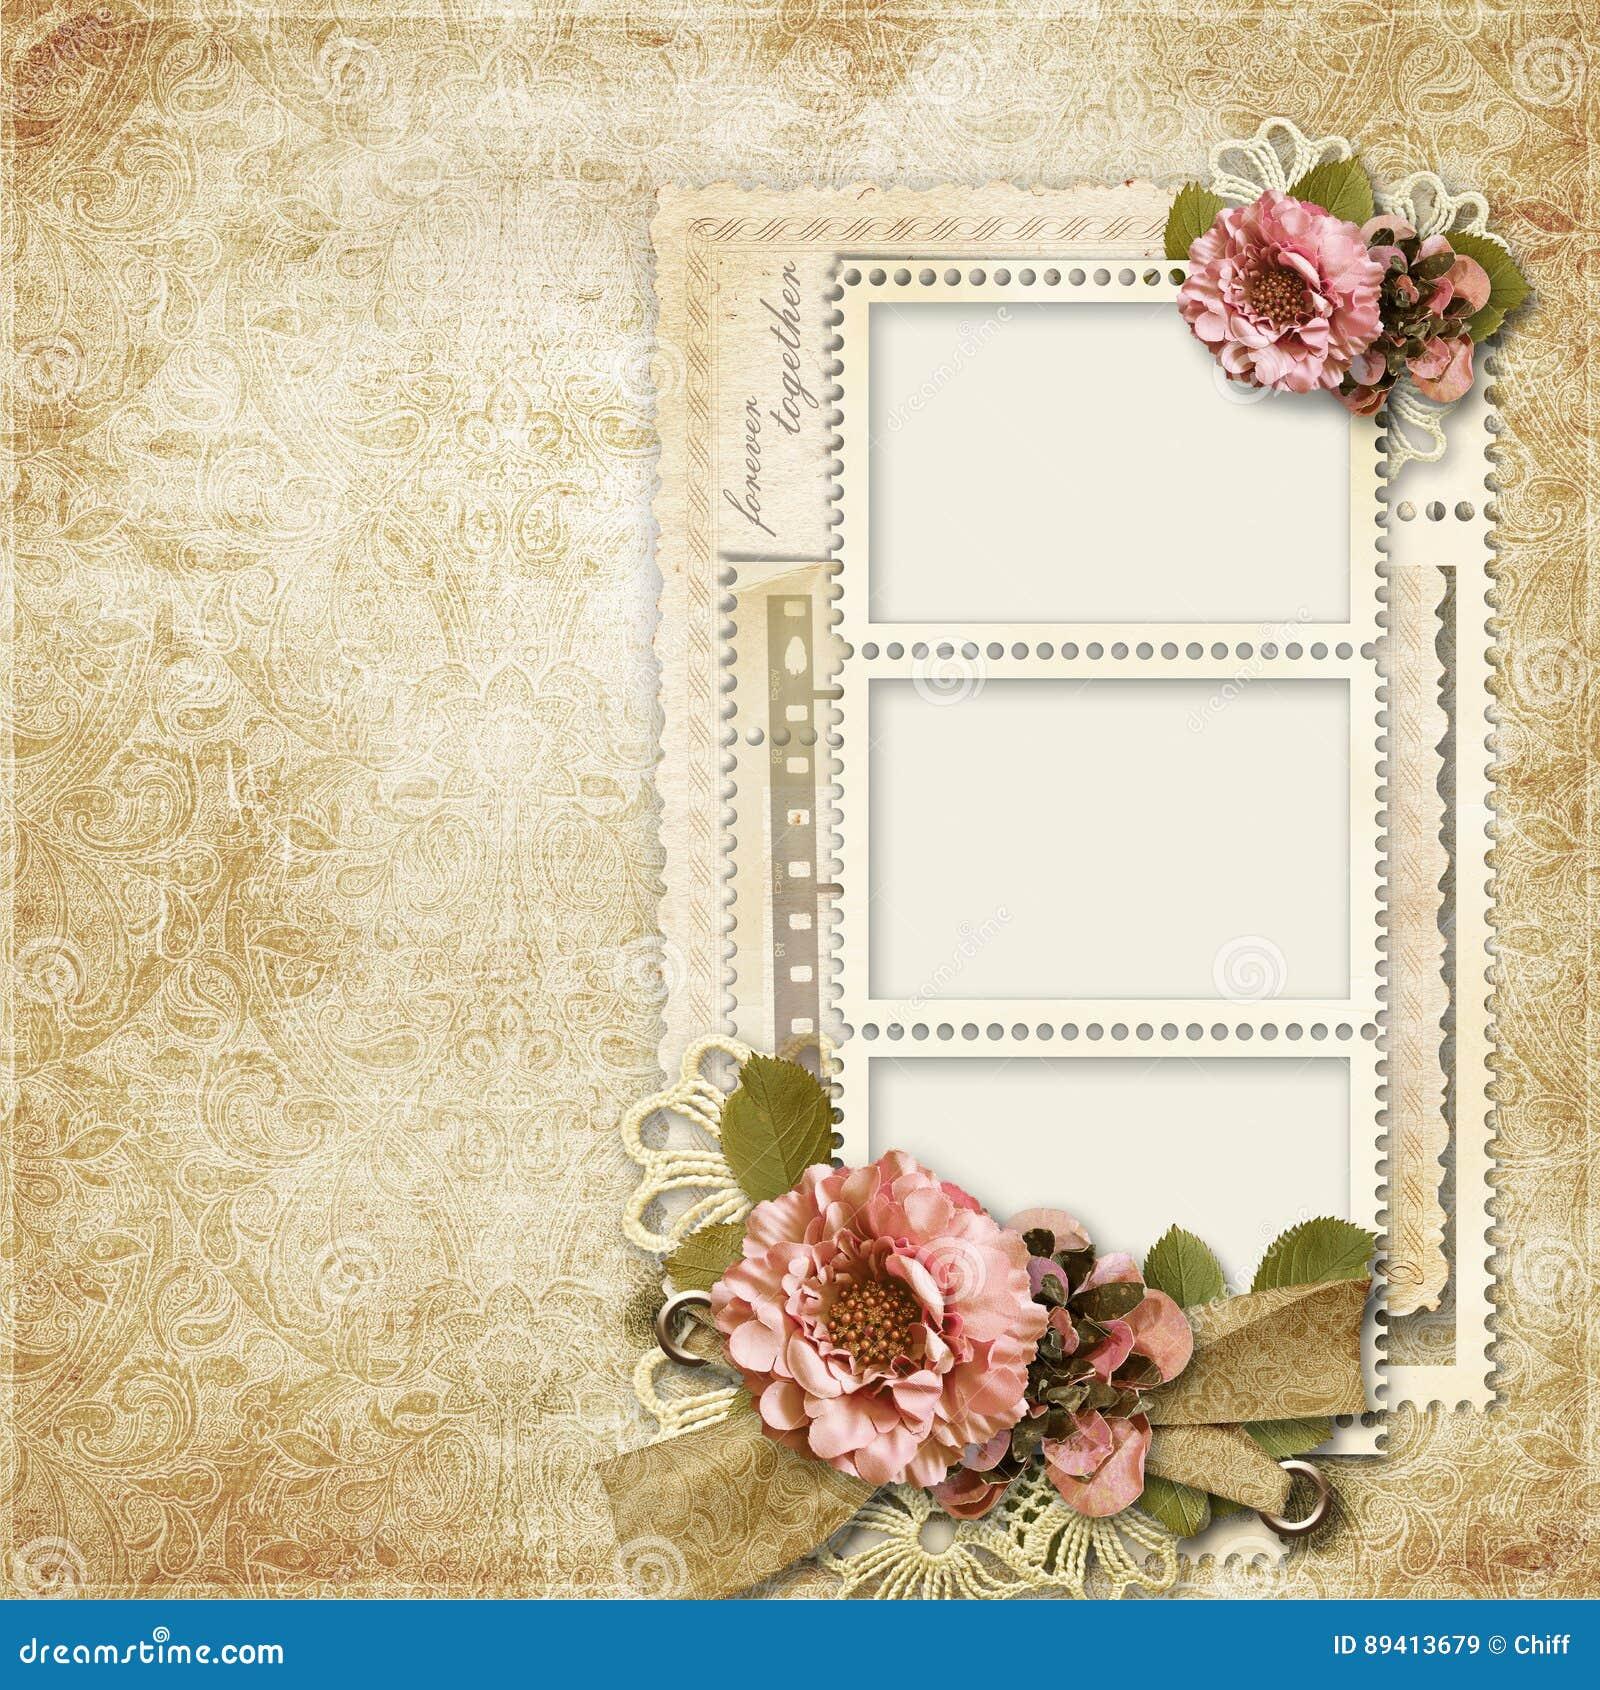 Fundo do vintage com quadros para fotos e flores